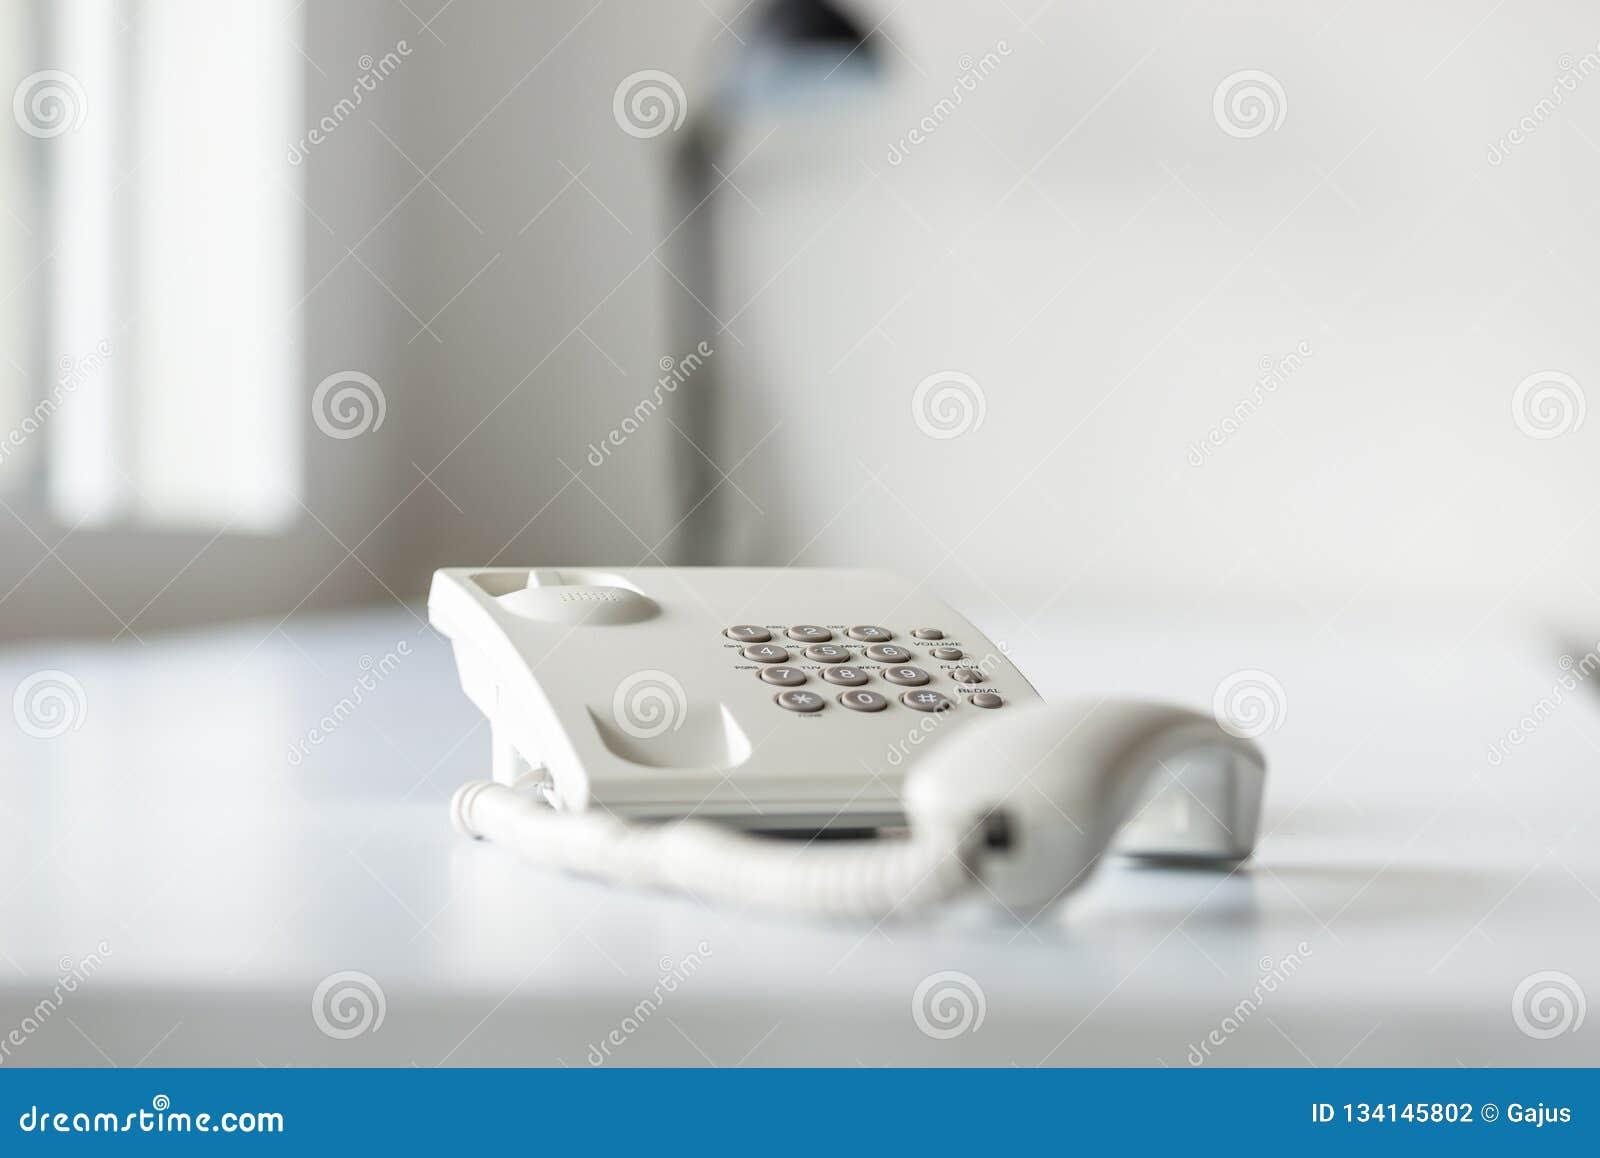 Telefone branco da linha terrestre com monofone off-line